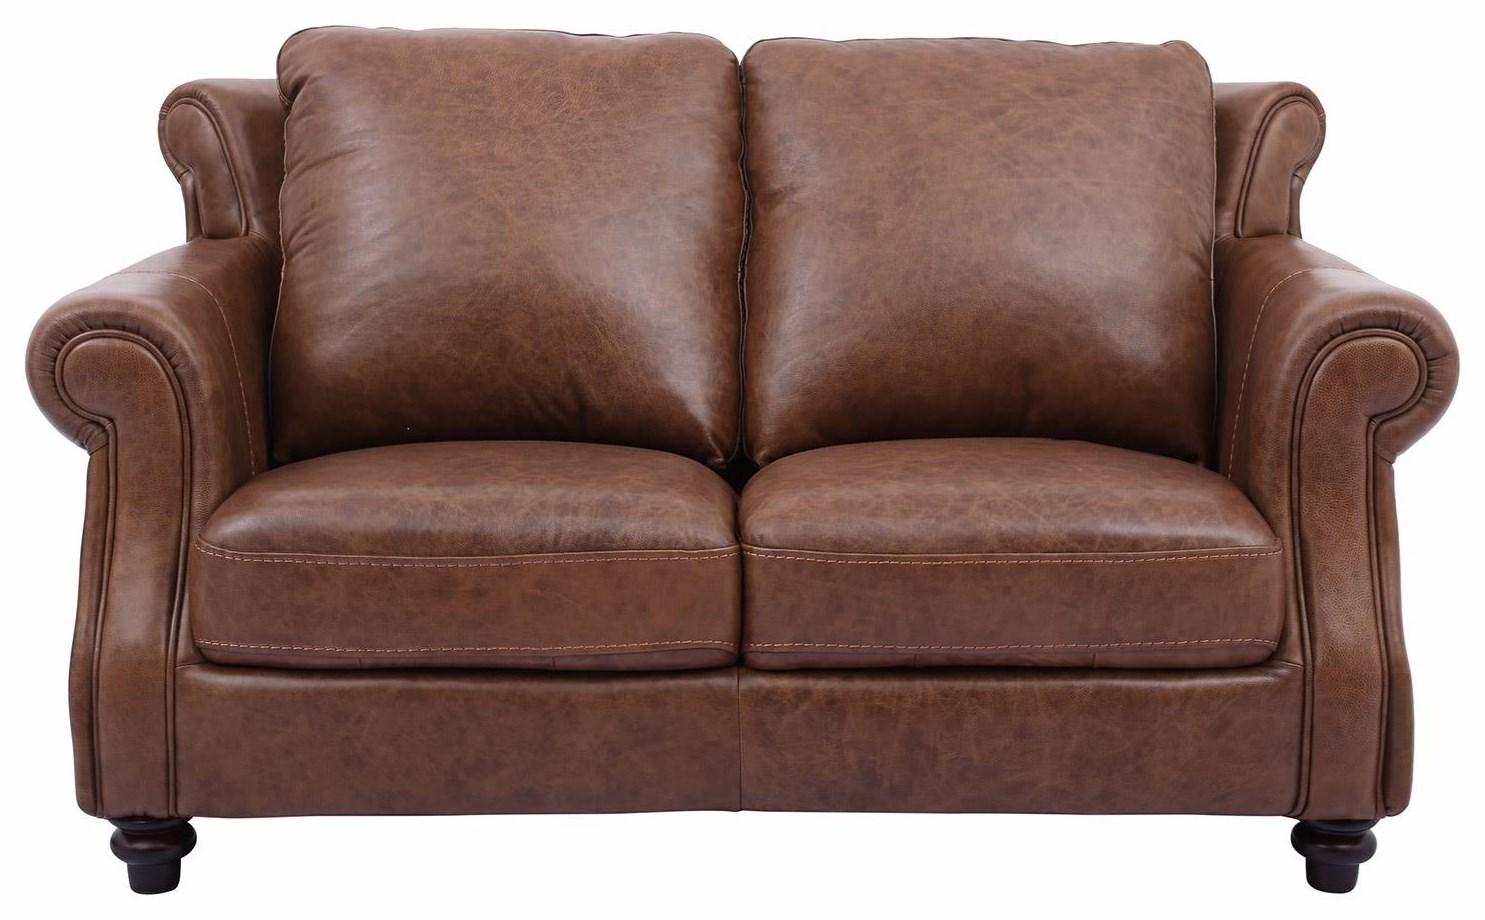 Cheers Sofa C2115 100% Leather Loveseat - Item Number: C2115-L2011346